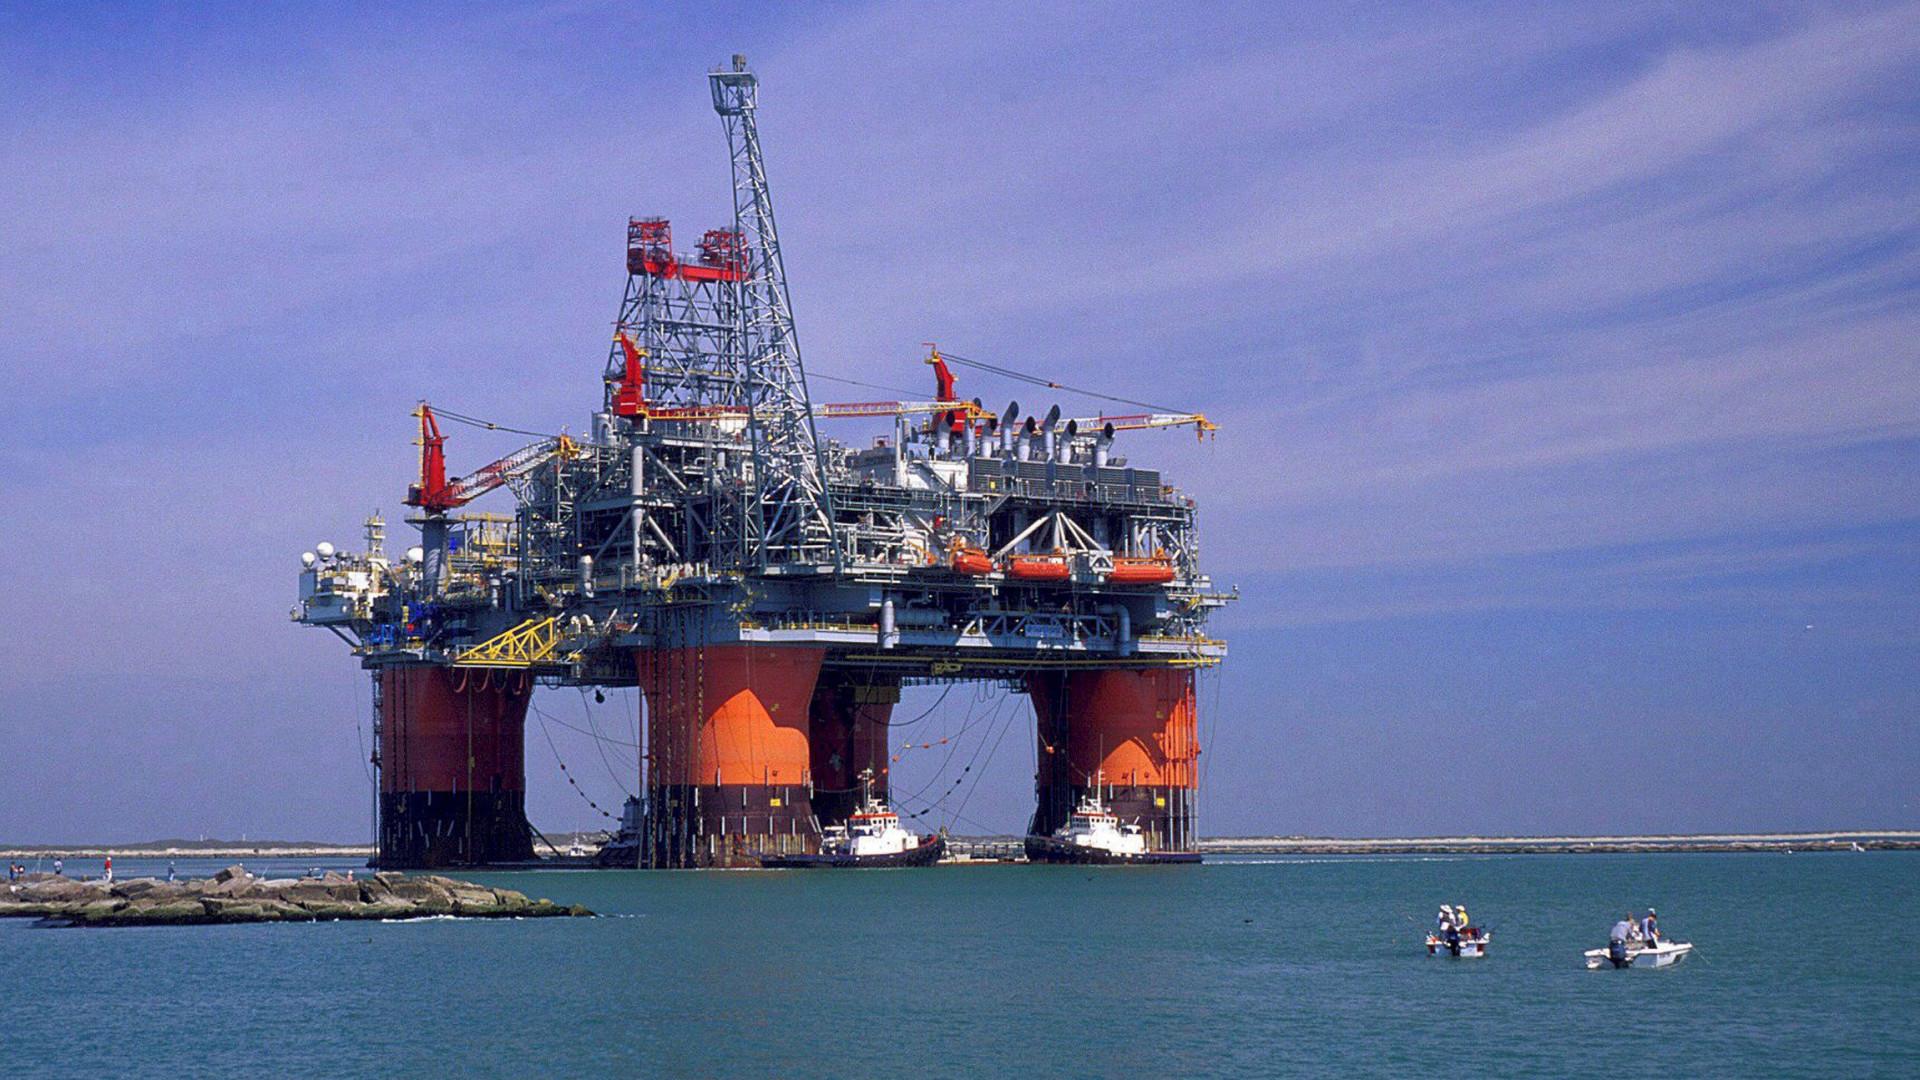 Procura de petróleo deve subir até 2020 e decrescer a longo prazo